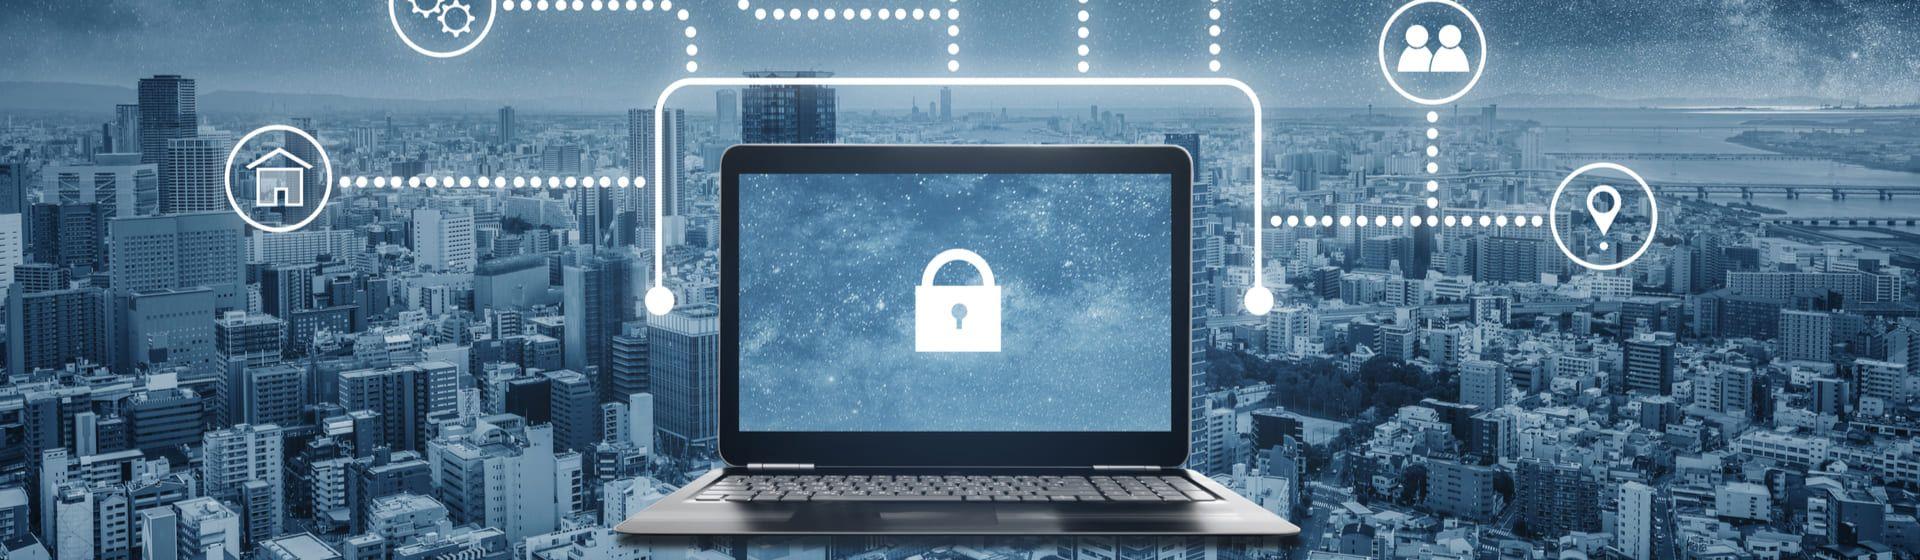 Melhor antivírus: veja 4 opções para deixar seu PC ou celular seguro